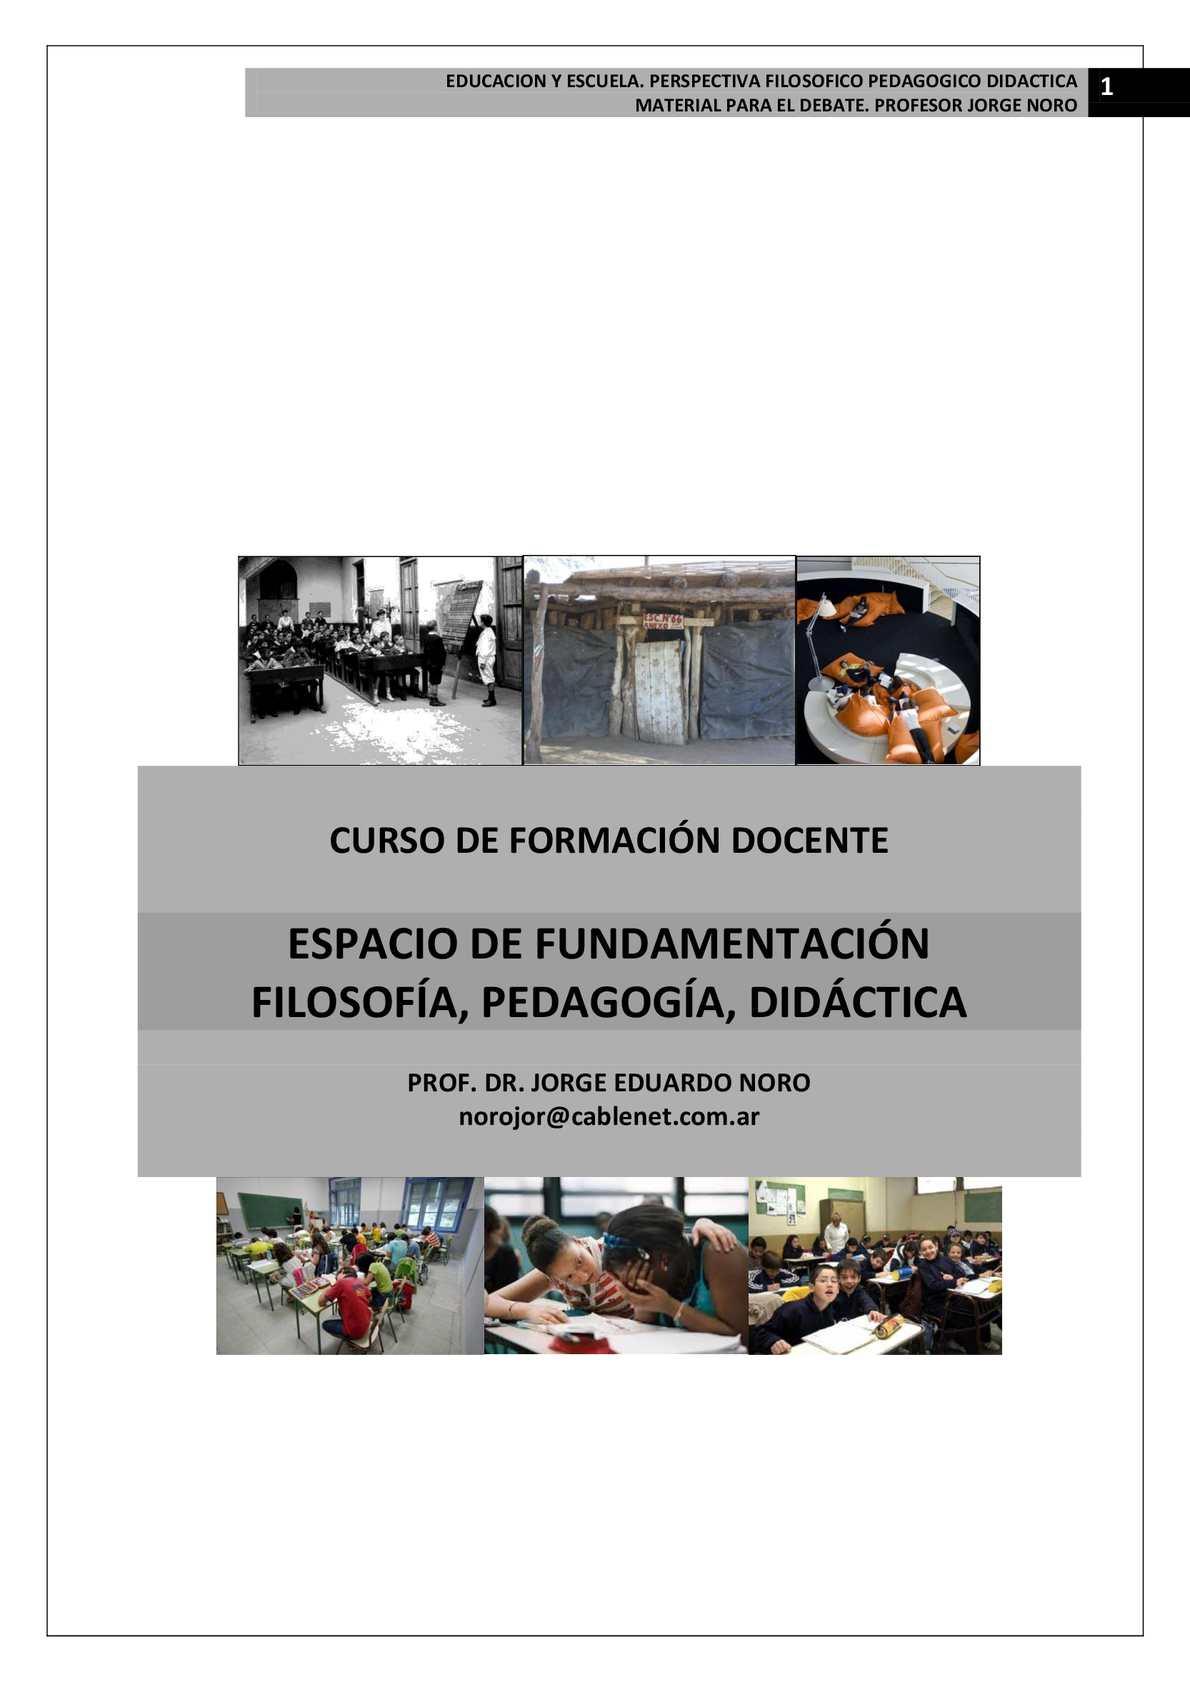 Calaméo - 147. CURSO DE FILOSOFIA, PEDAGOGIA Y DIDACTICA PARA LA ...